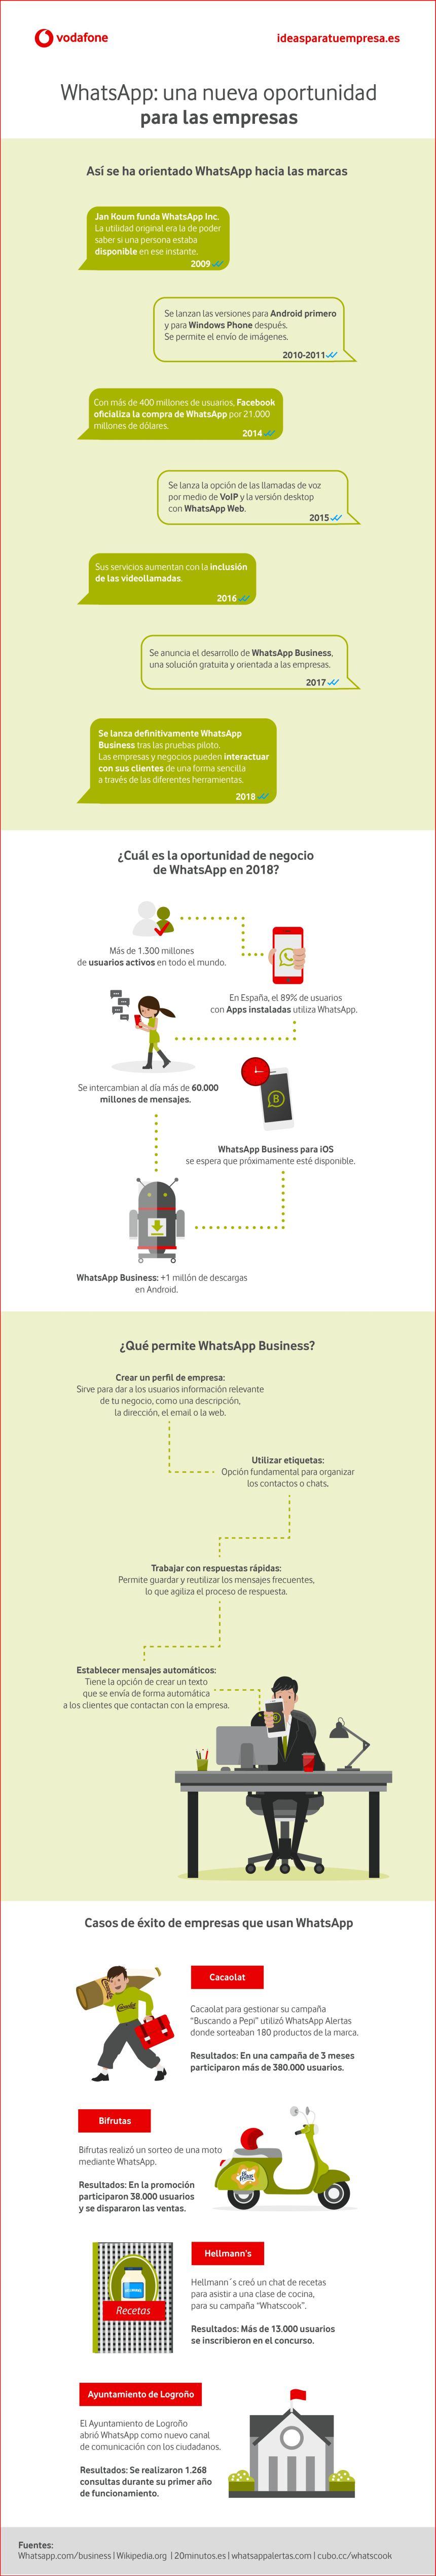 Cómo aprovechar WhatsApp Business para aumentar las ventas